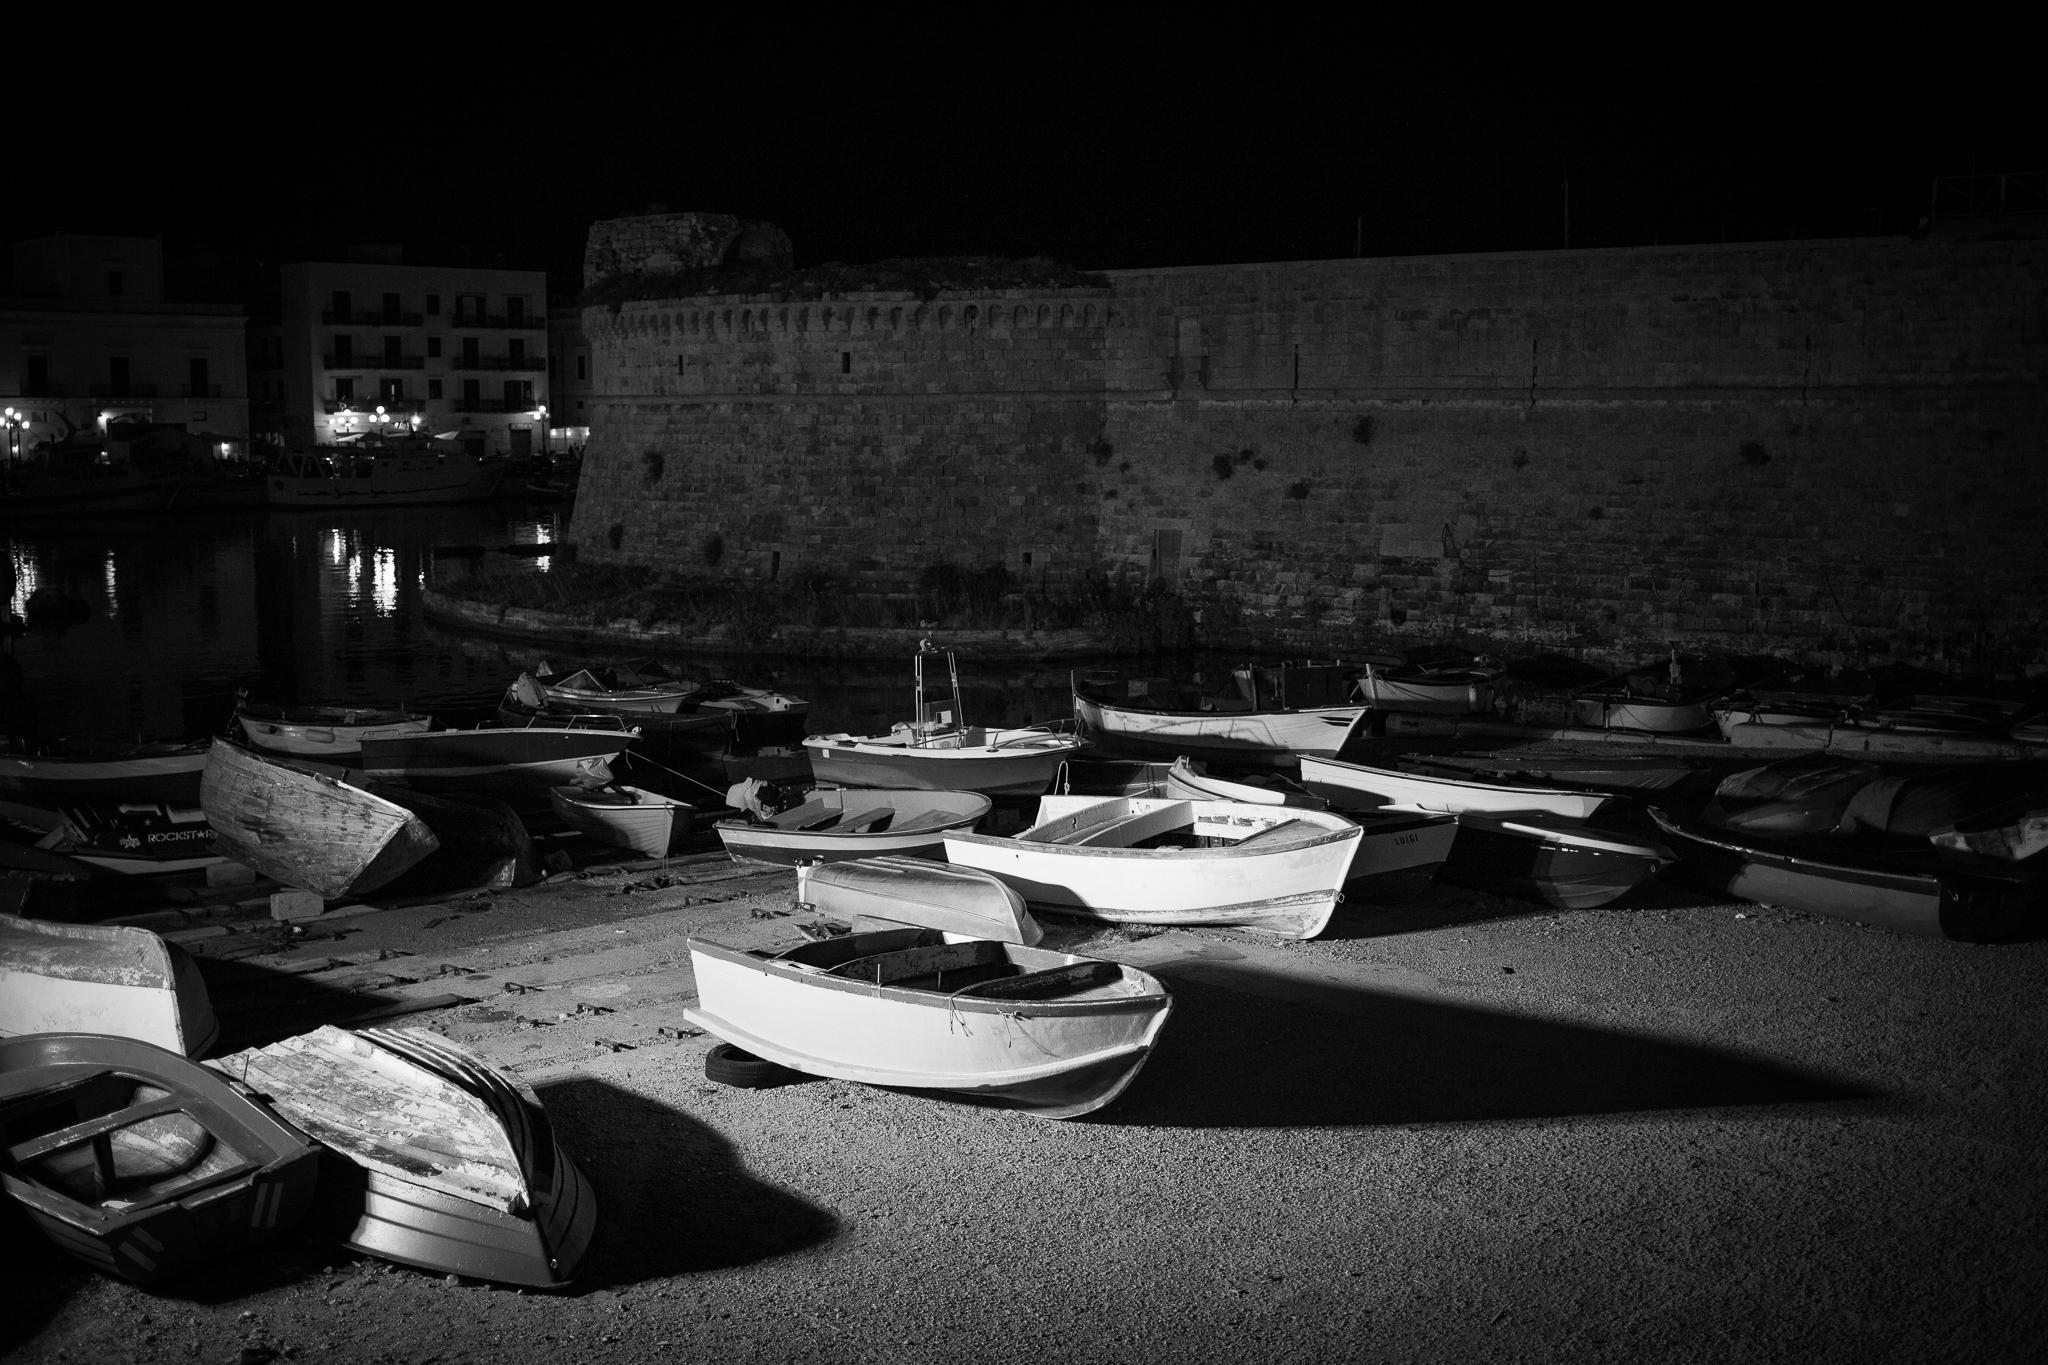 Boats stranded...